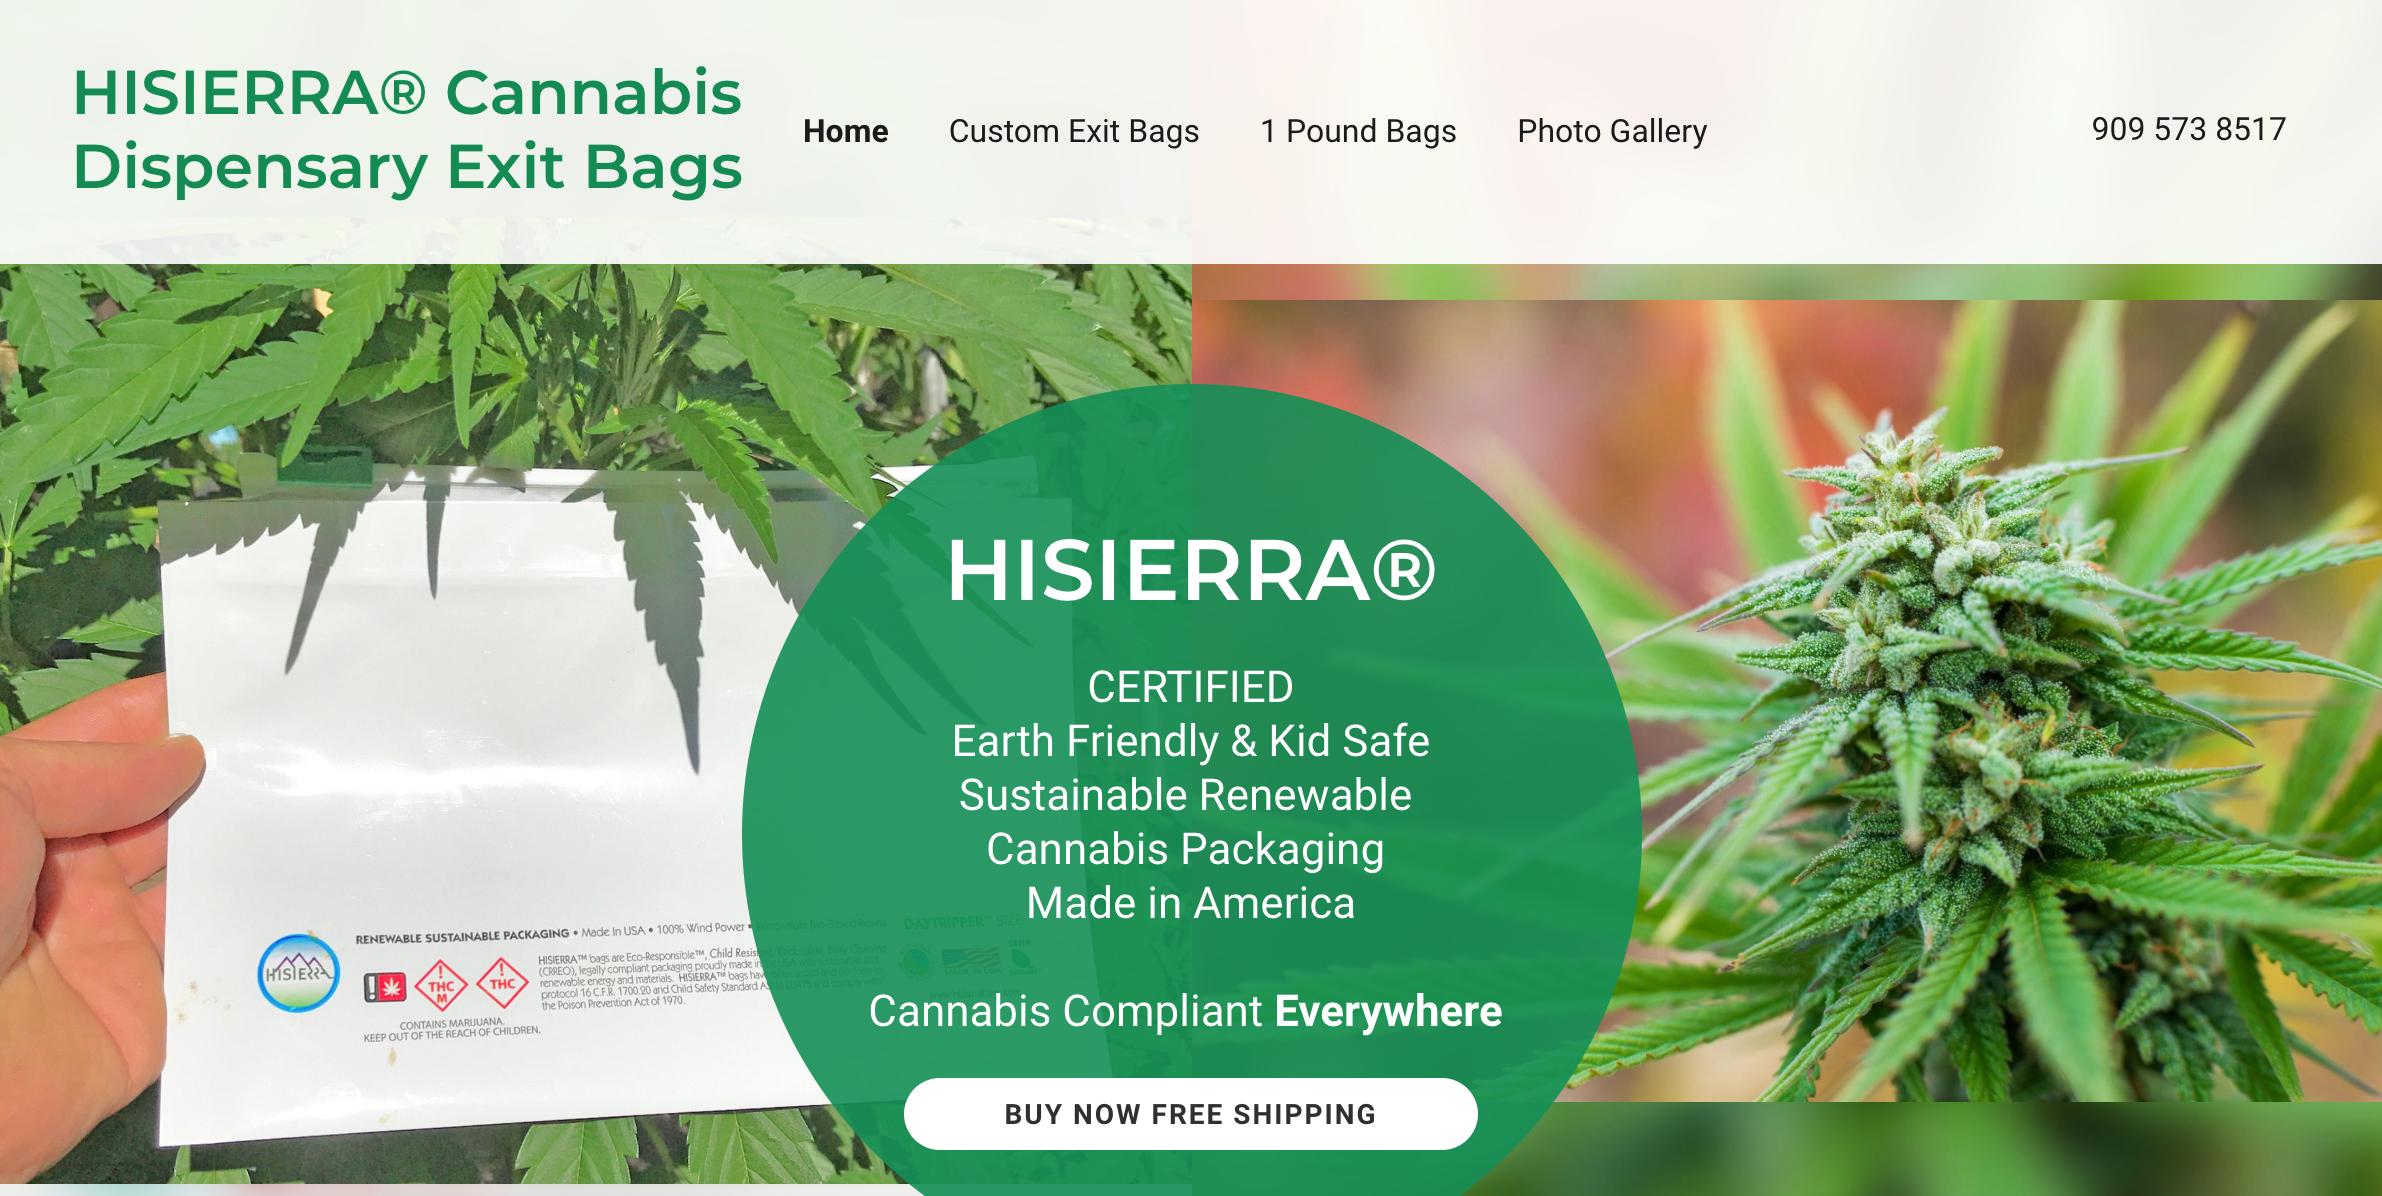 HISIERRA website